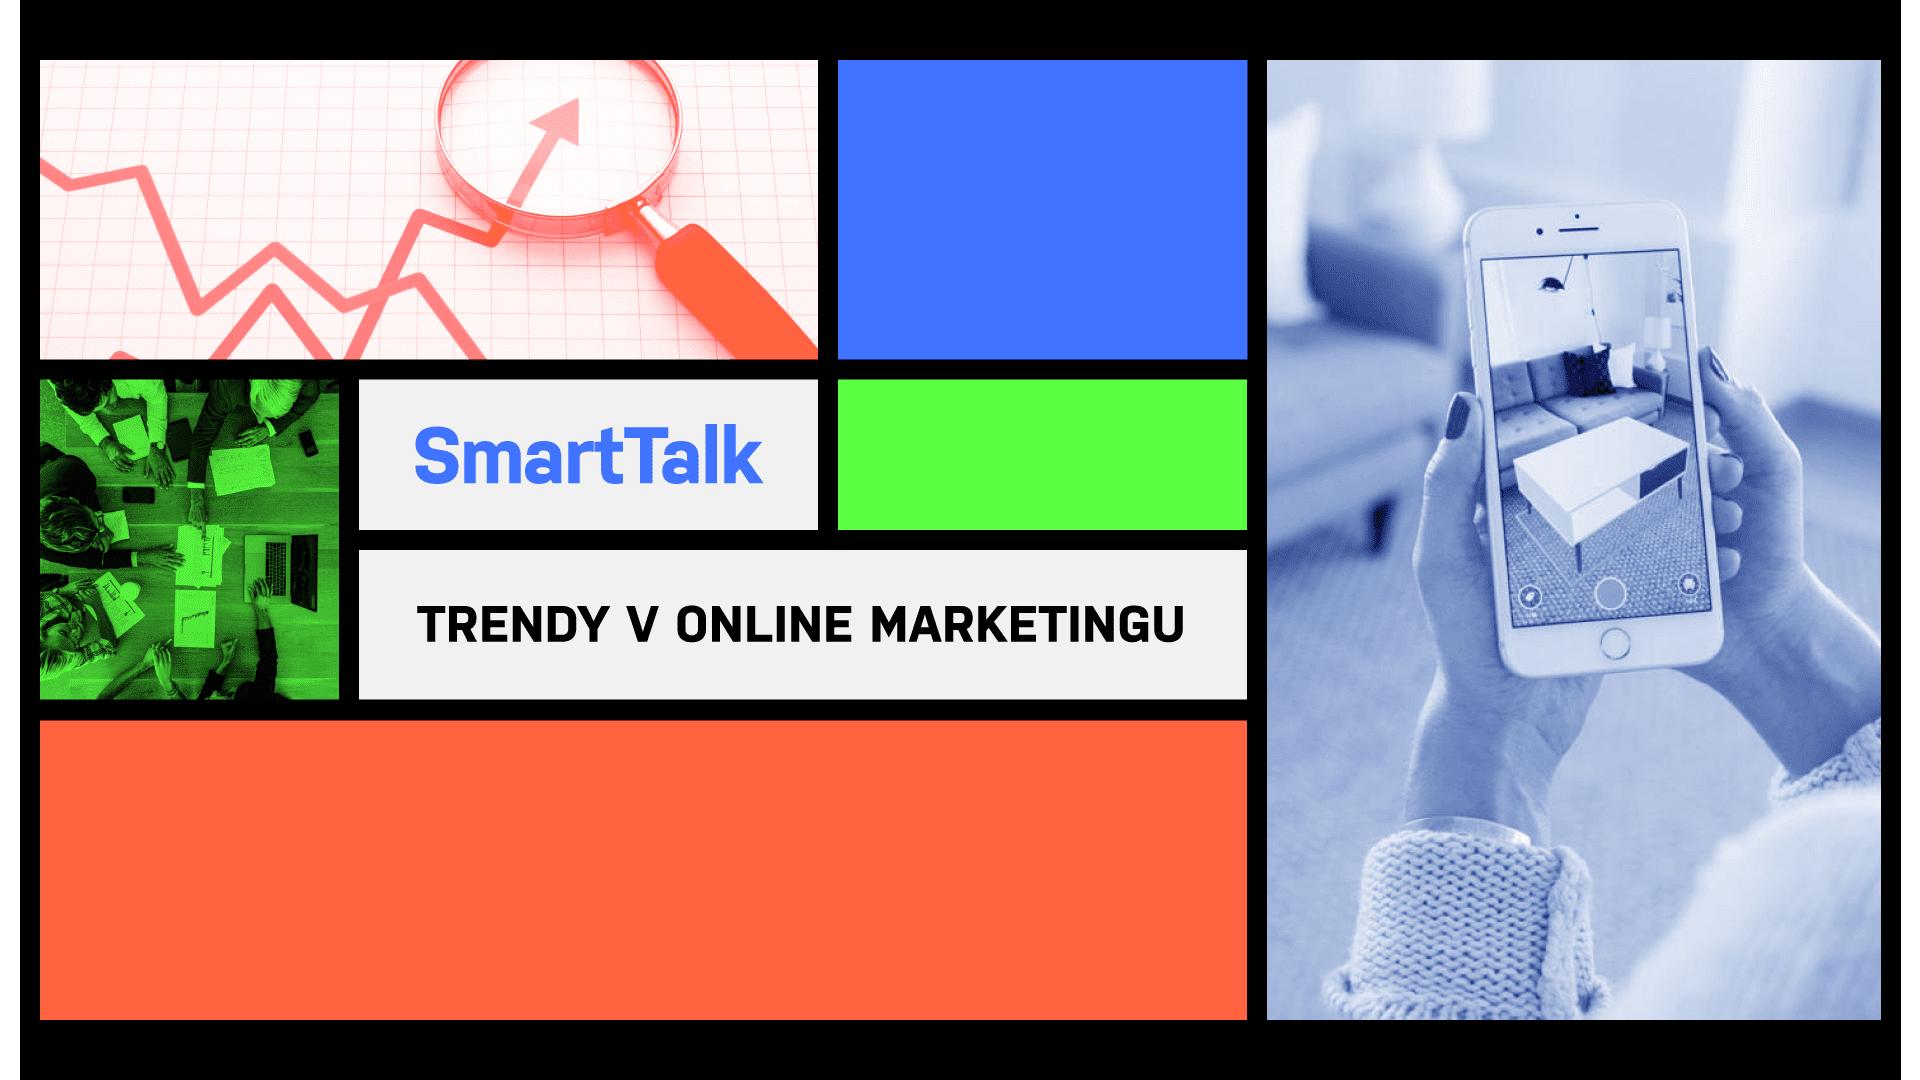 ST 13 11 FB 1920 bielyram - Aké budú trendy v online marketingu? Prezradia slovenské agentúry